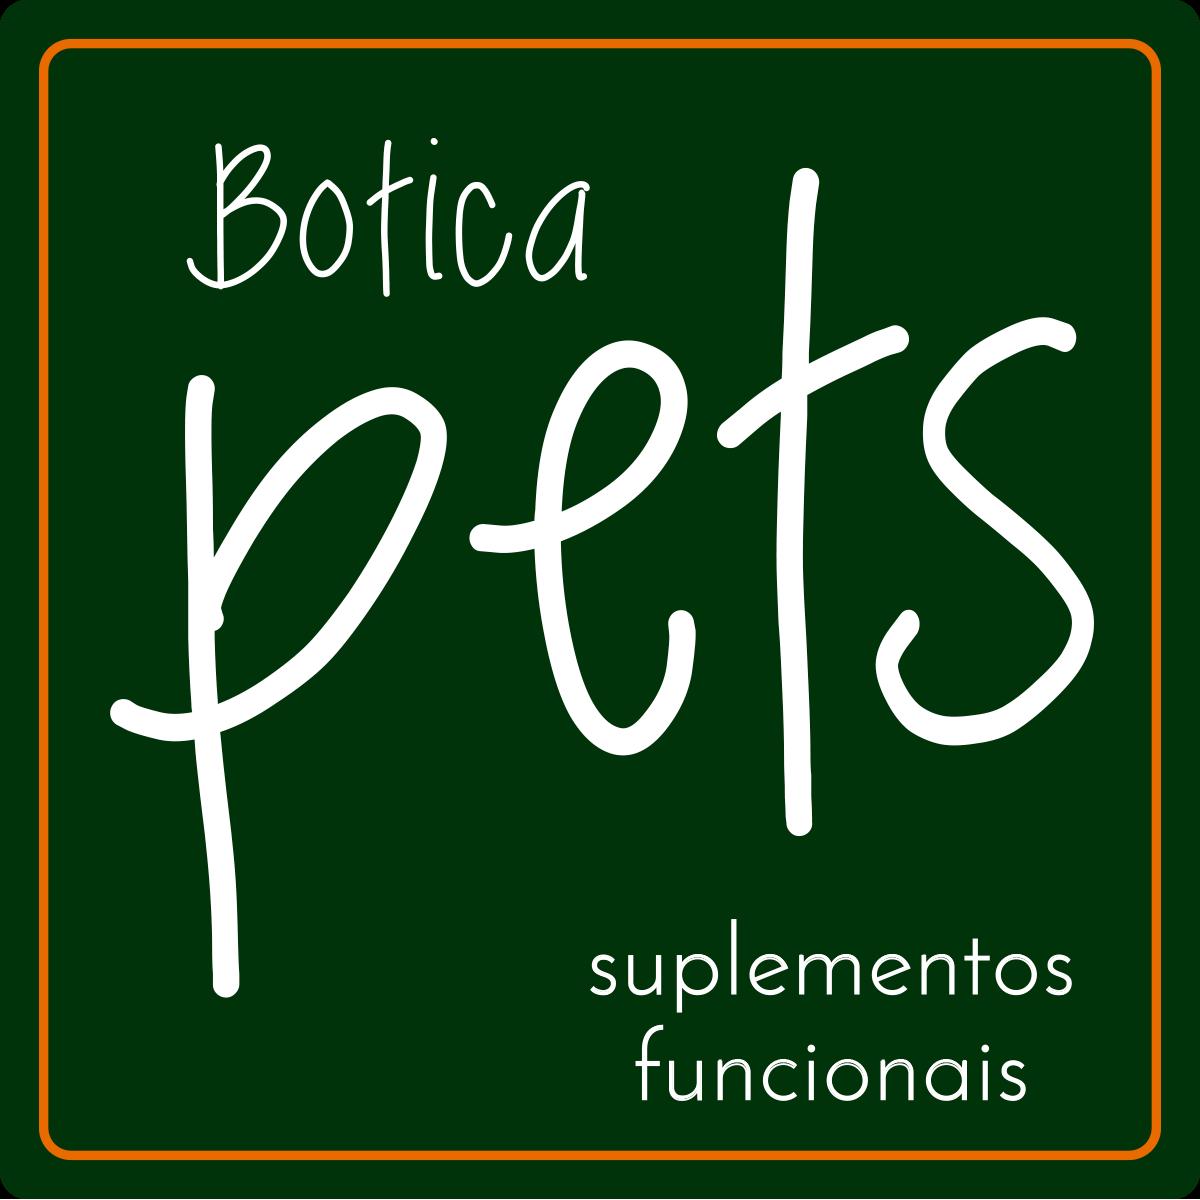 Logo da Botica Pet - ansiedade canina